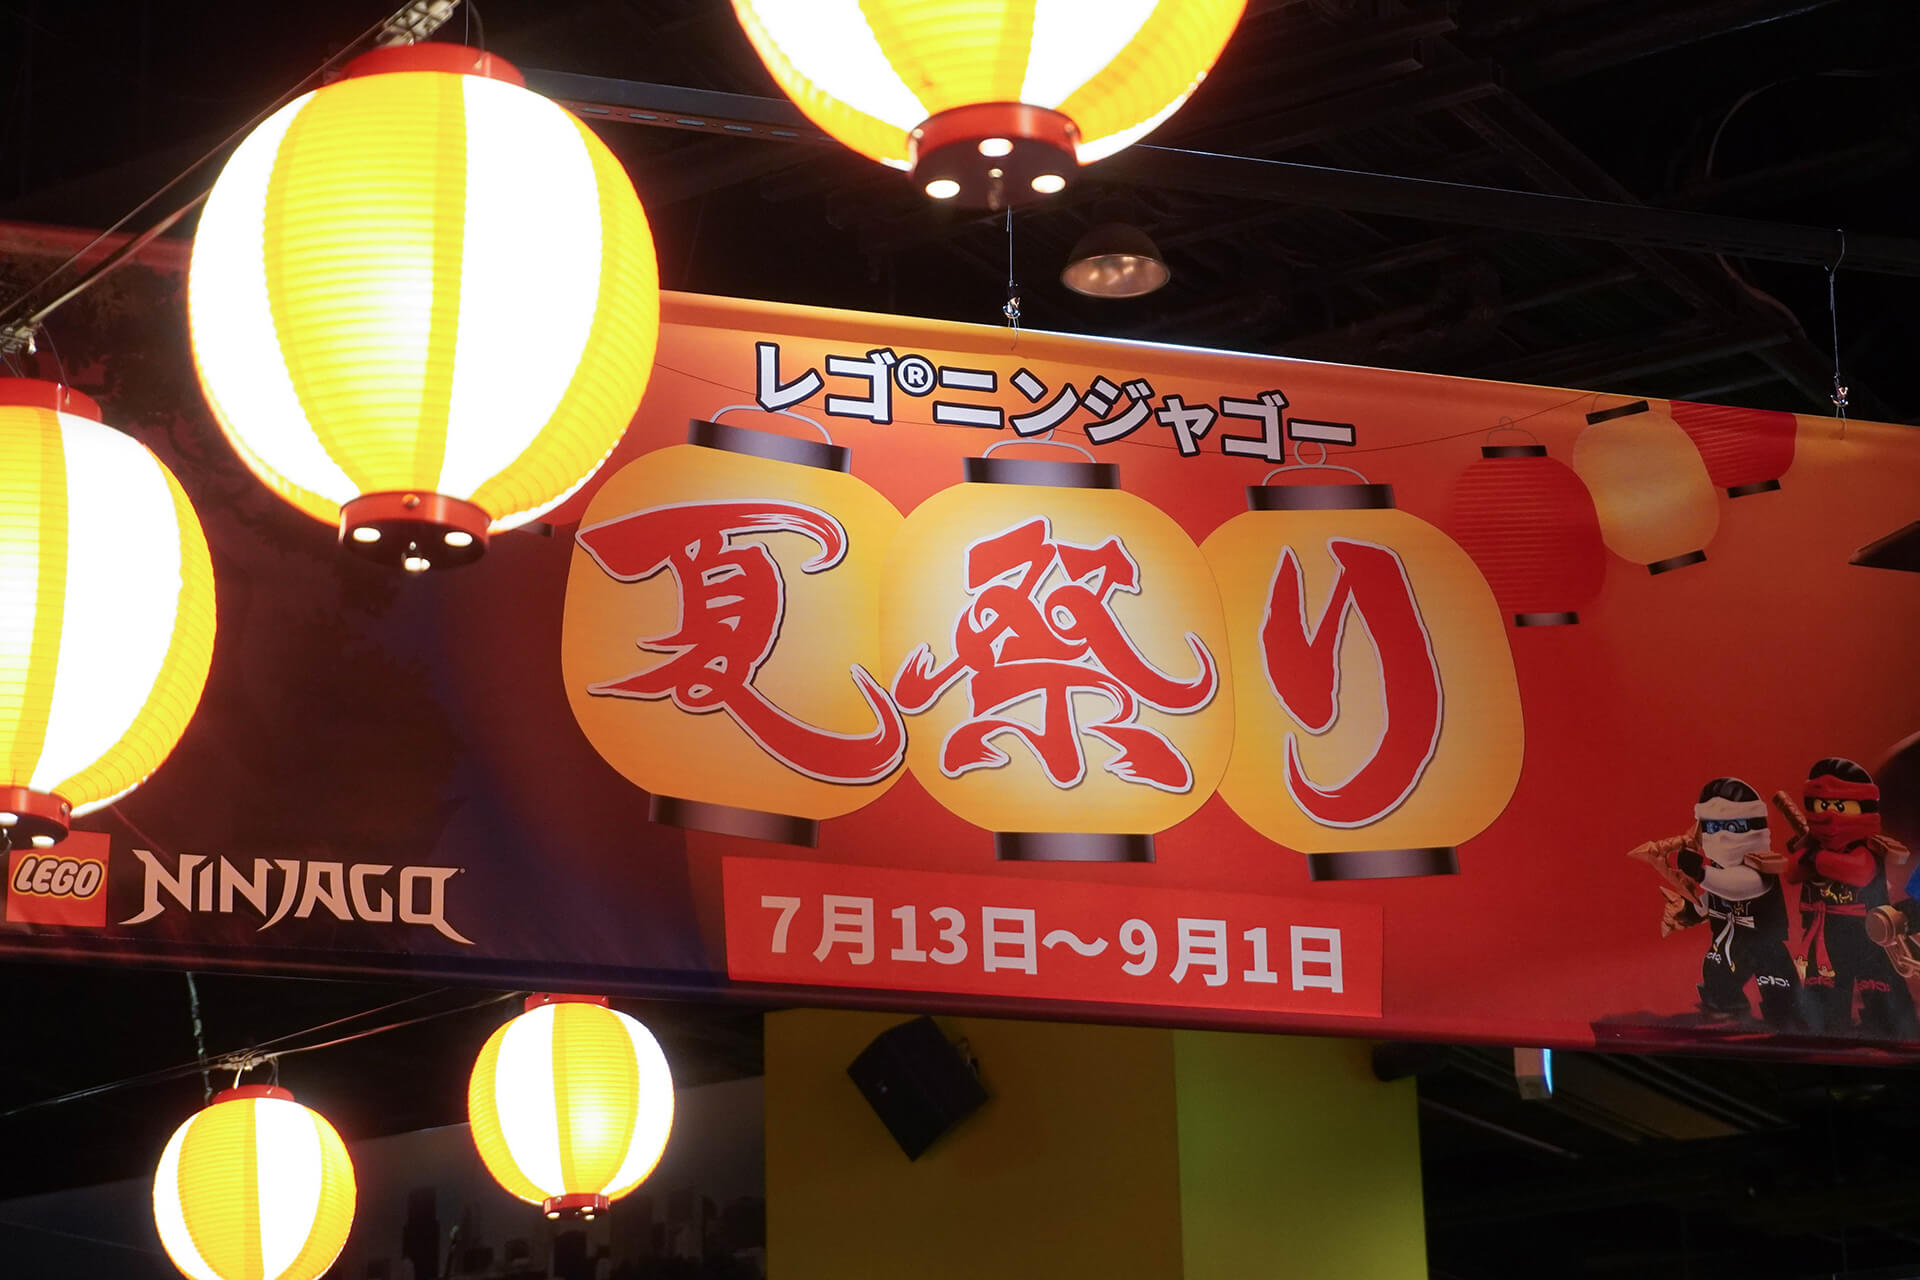 この写真は、レゴニンジャゴー夏祭りの垂れ幕・文字のみ